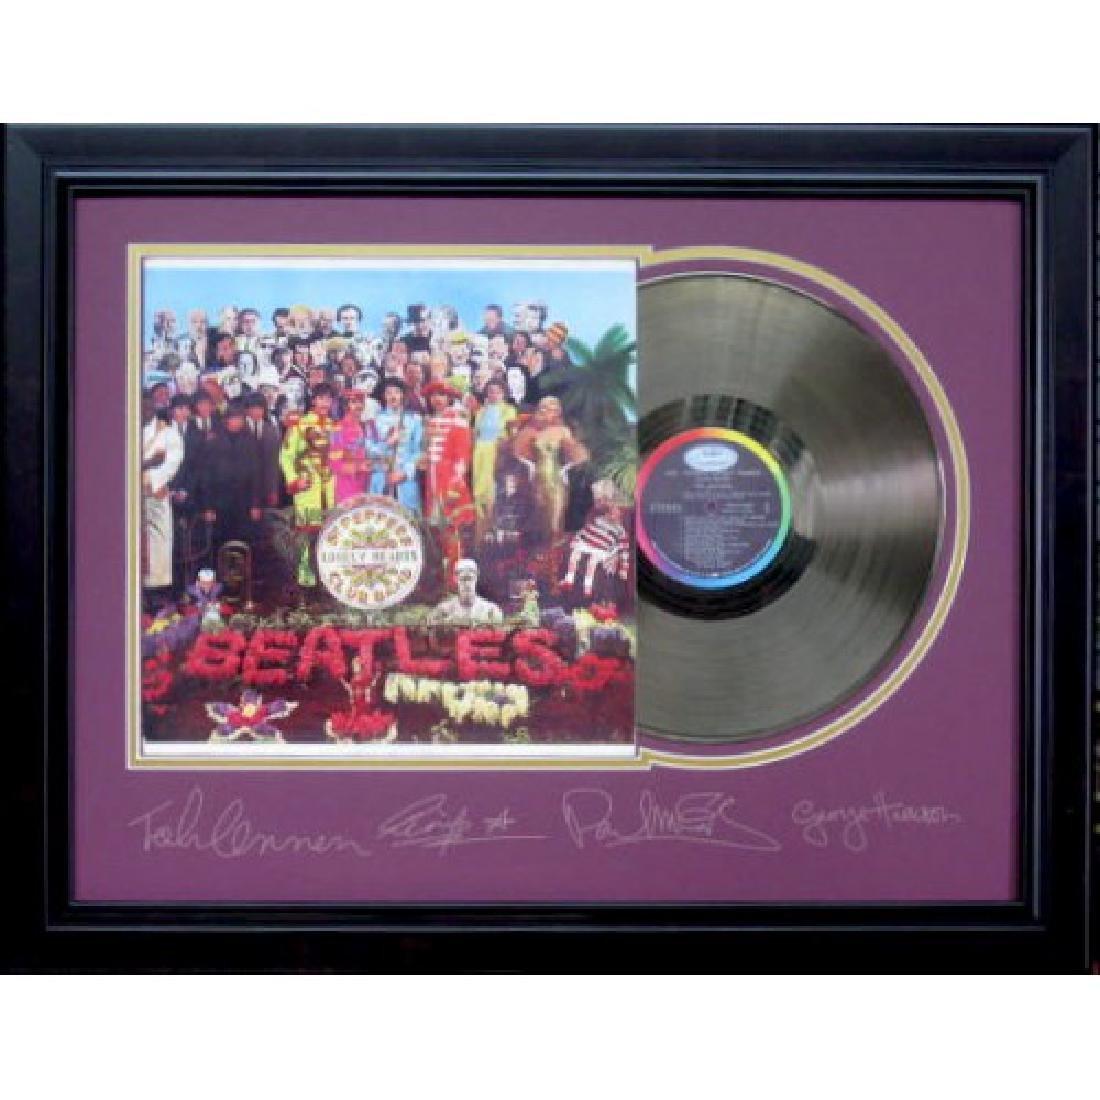 Beatles Gold Album - Plate Signatures